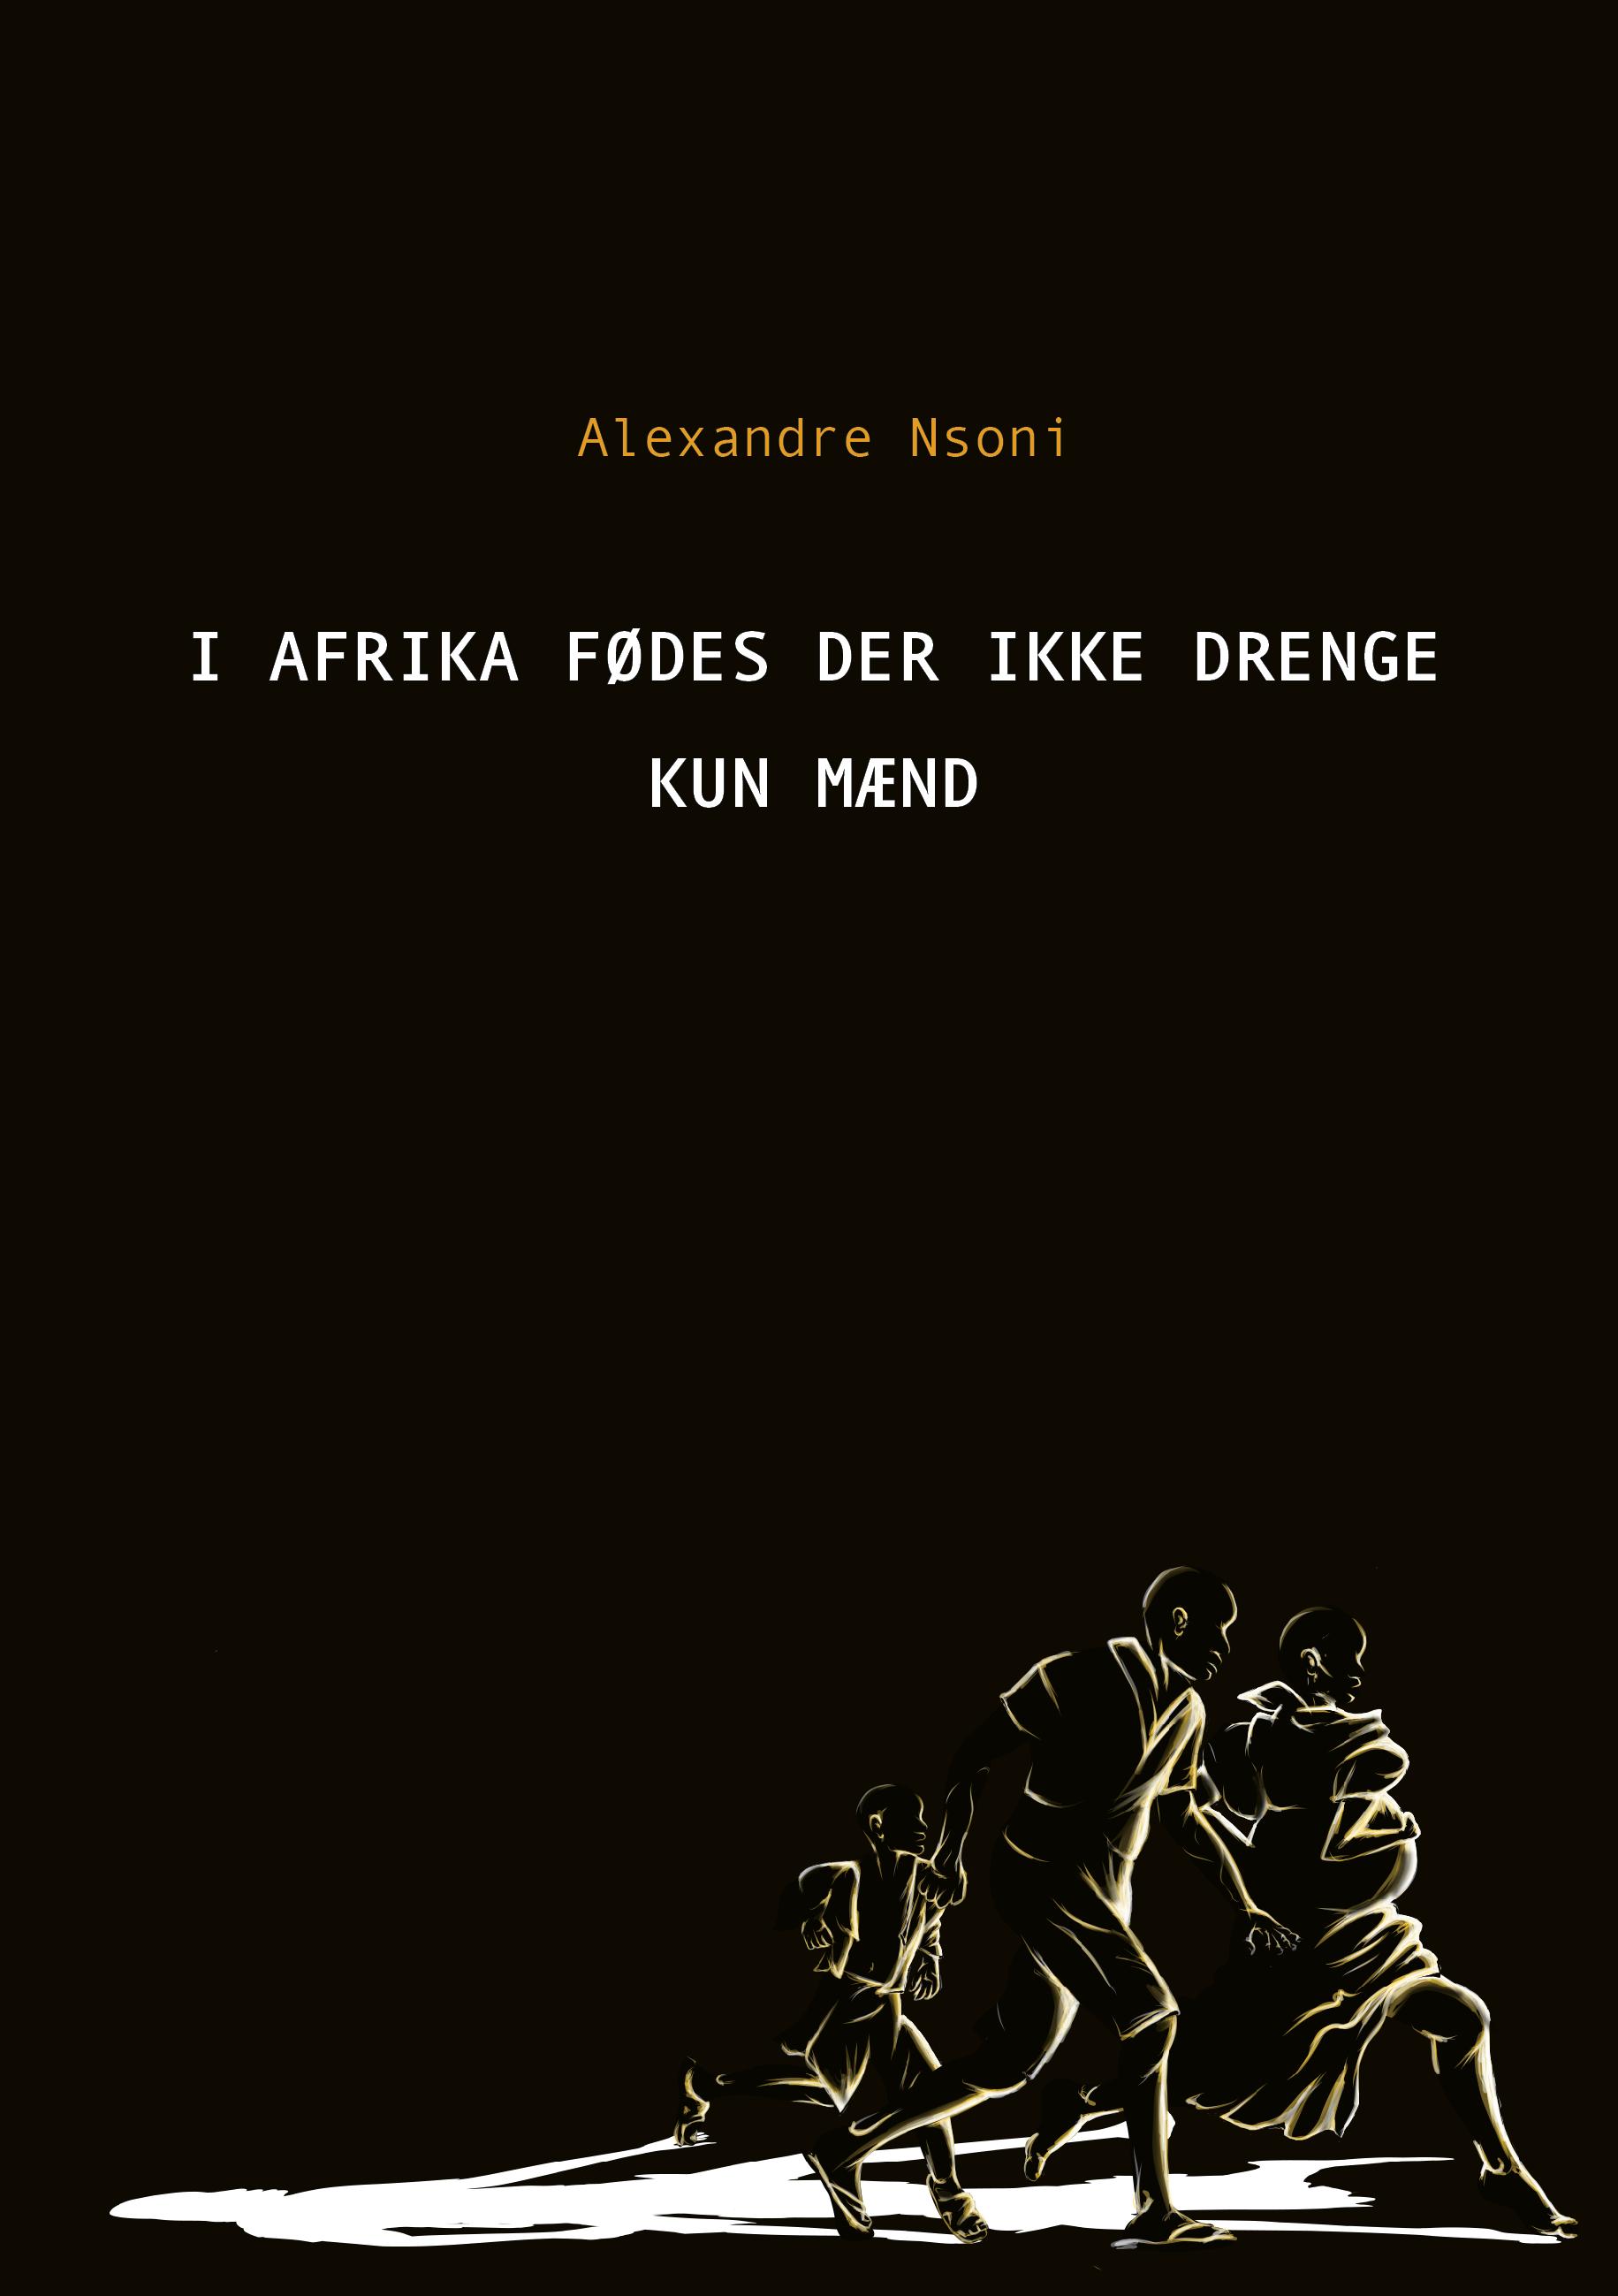 I Afrika fødes der ikke drenge - kun mænd - Alexandre Nsoni - Bøger - Vilakazi Publishing - 9788797215869 - June 28, 2021